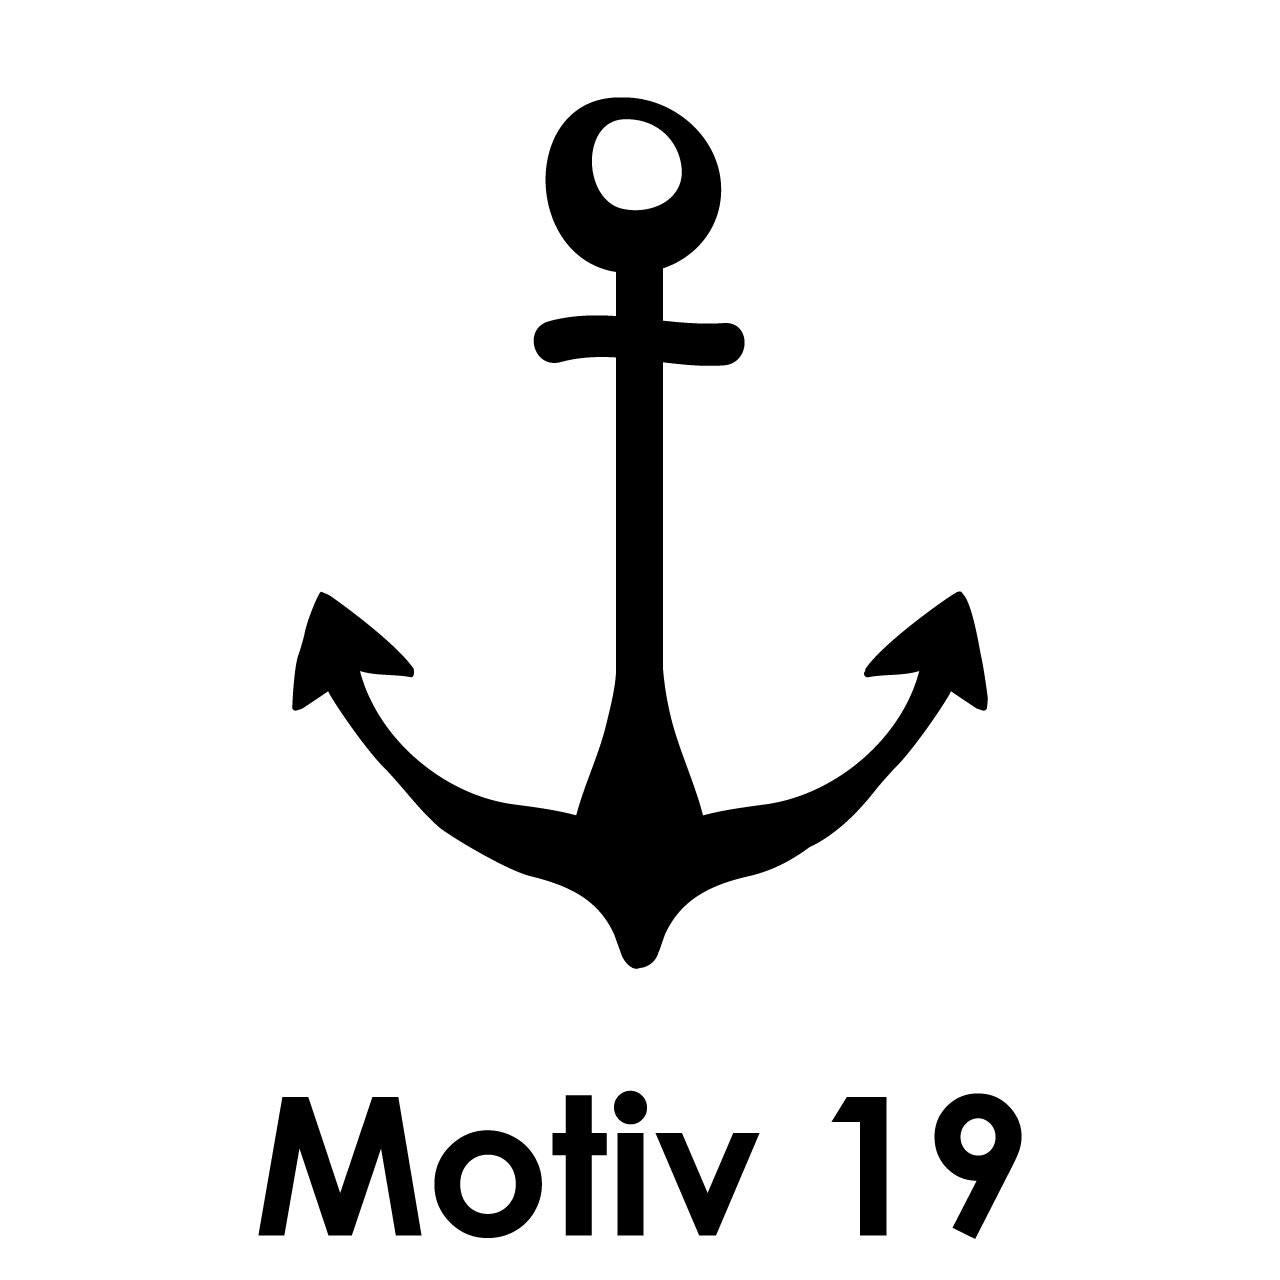 Motiv19